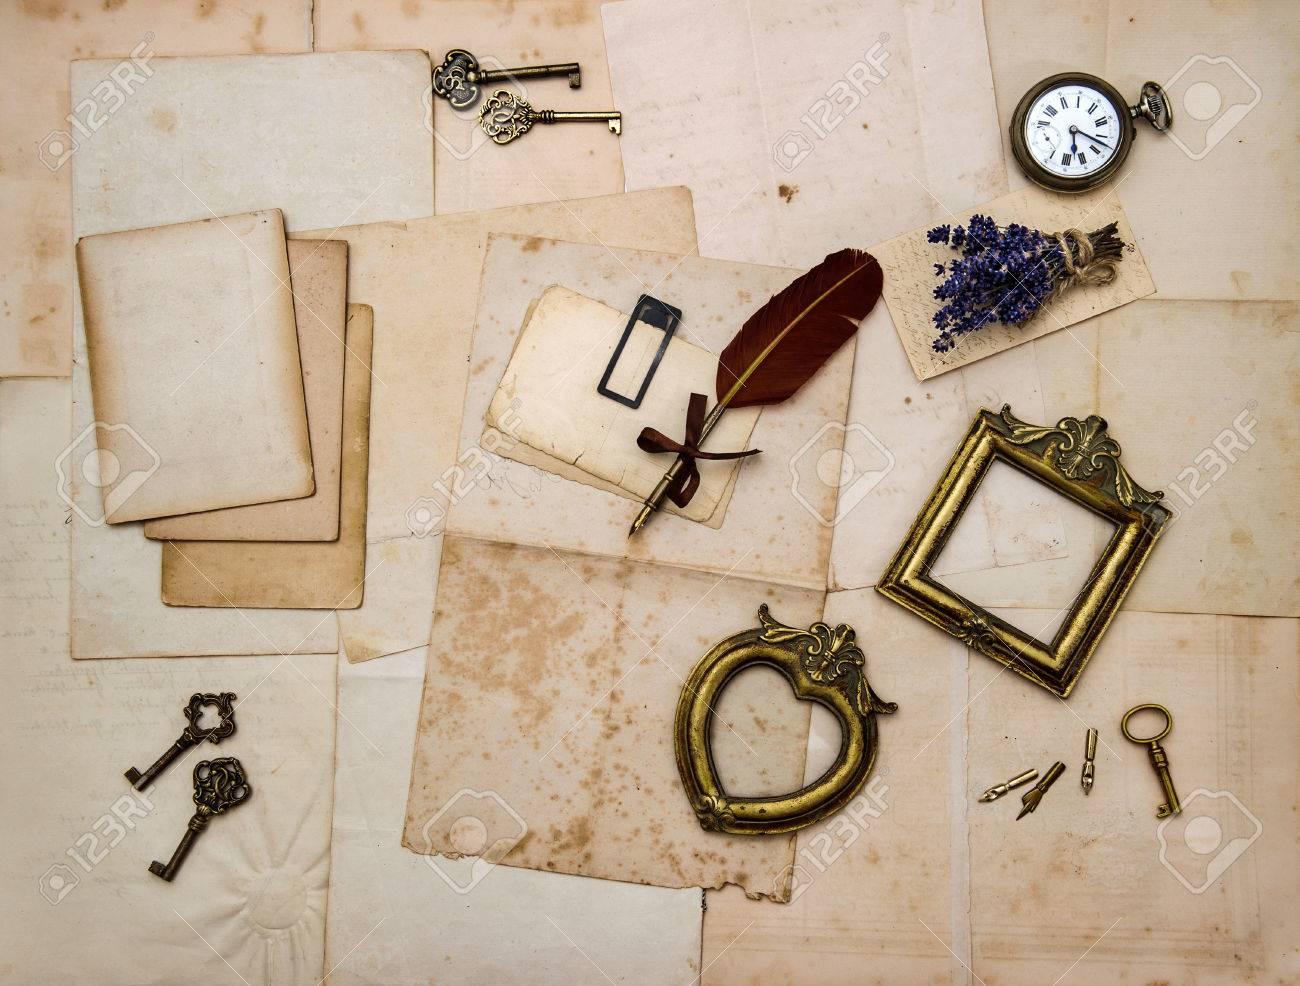 Cosas Vintage, Marcos De Cuadros, Llaves, Flores, Cartas Y Fotos ...